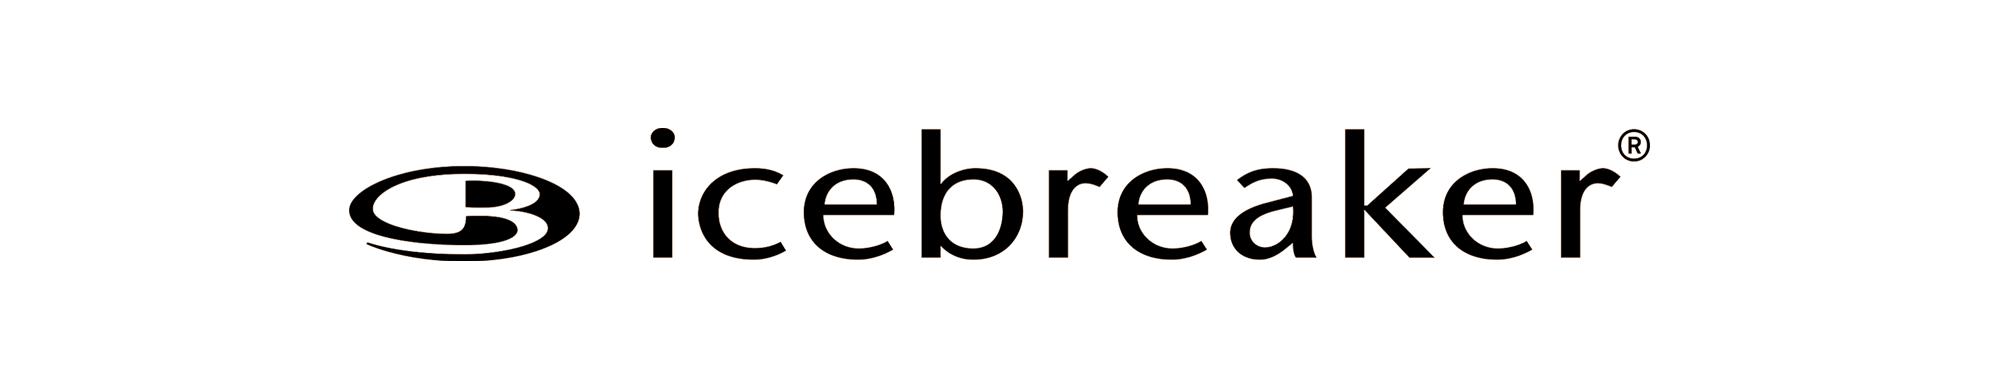 Bildergebnis für icebreaker logo